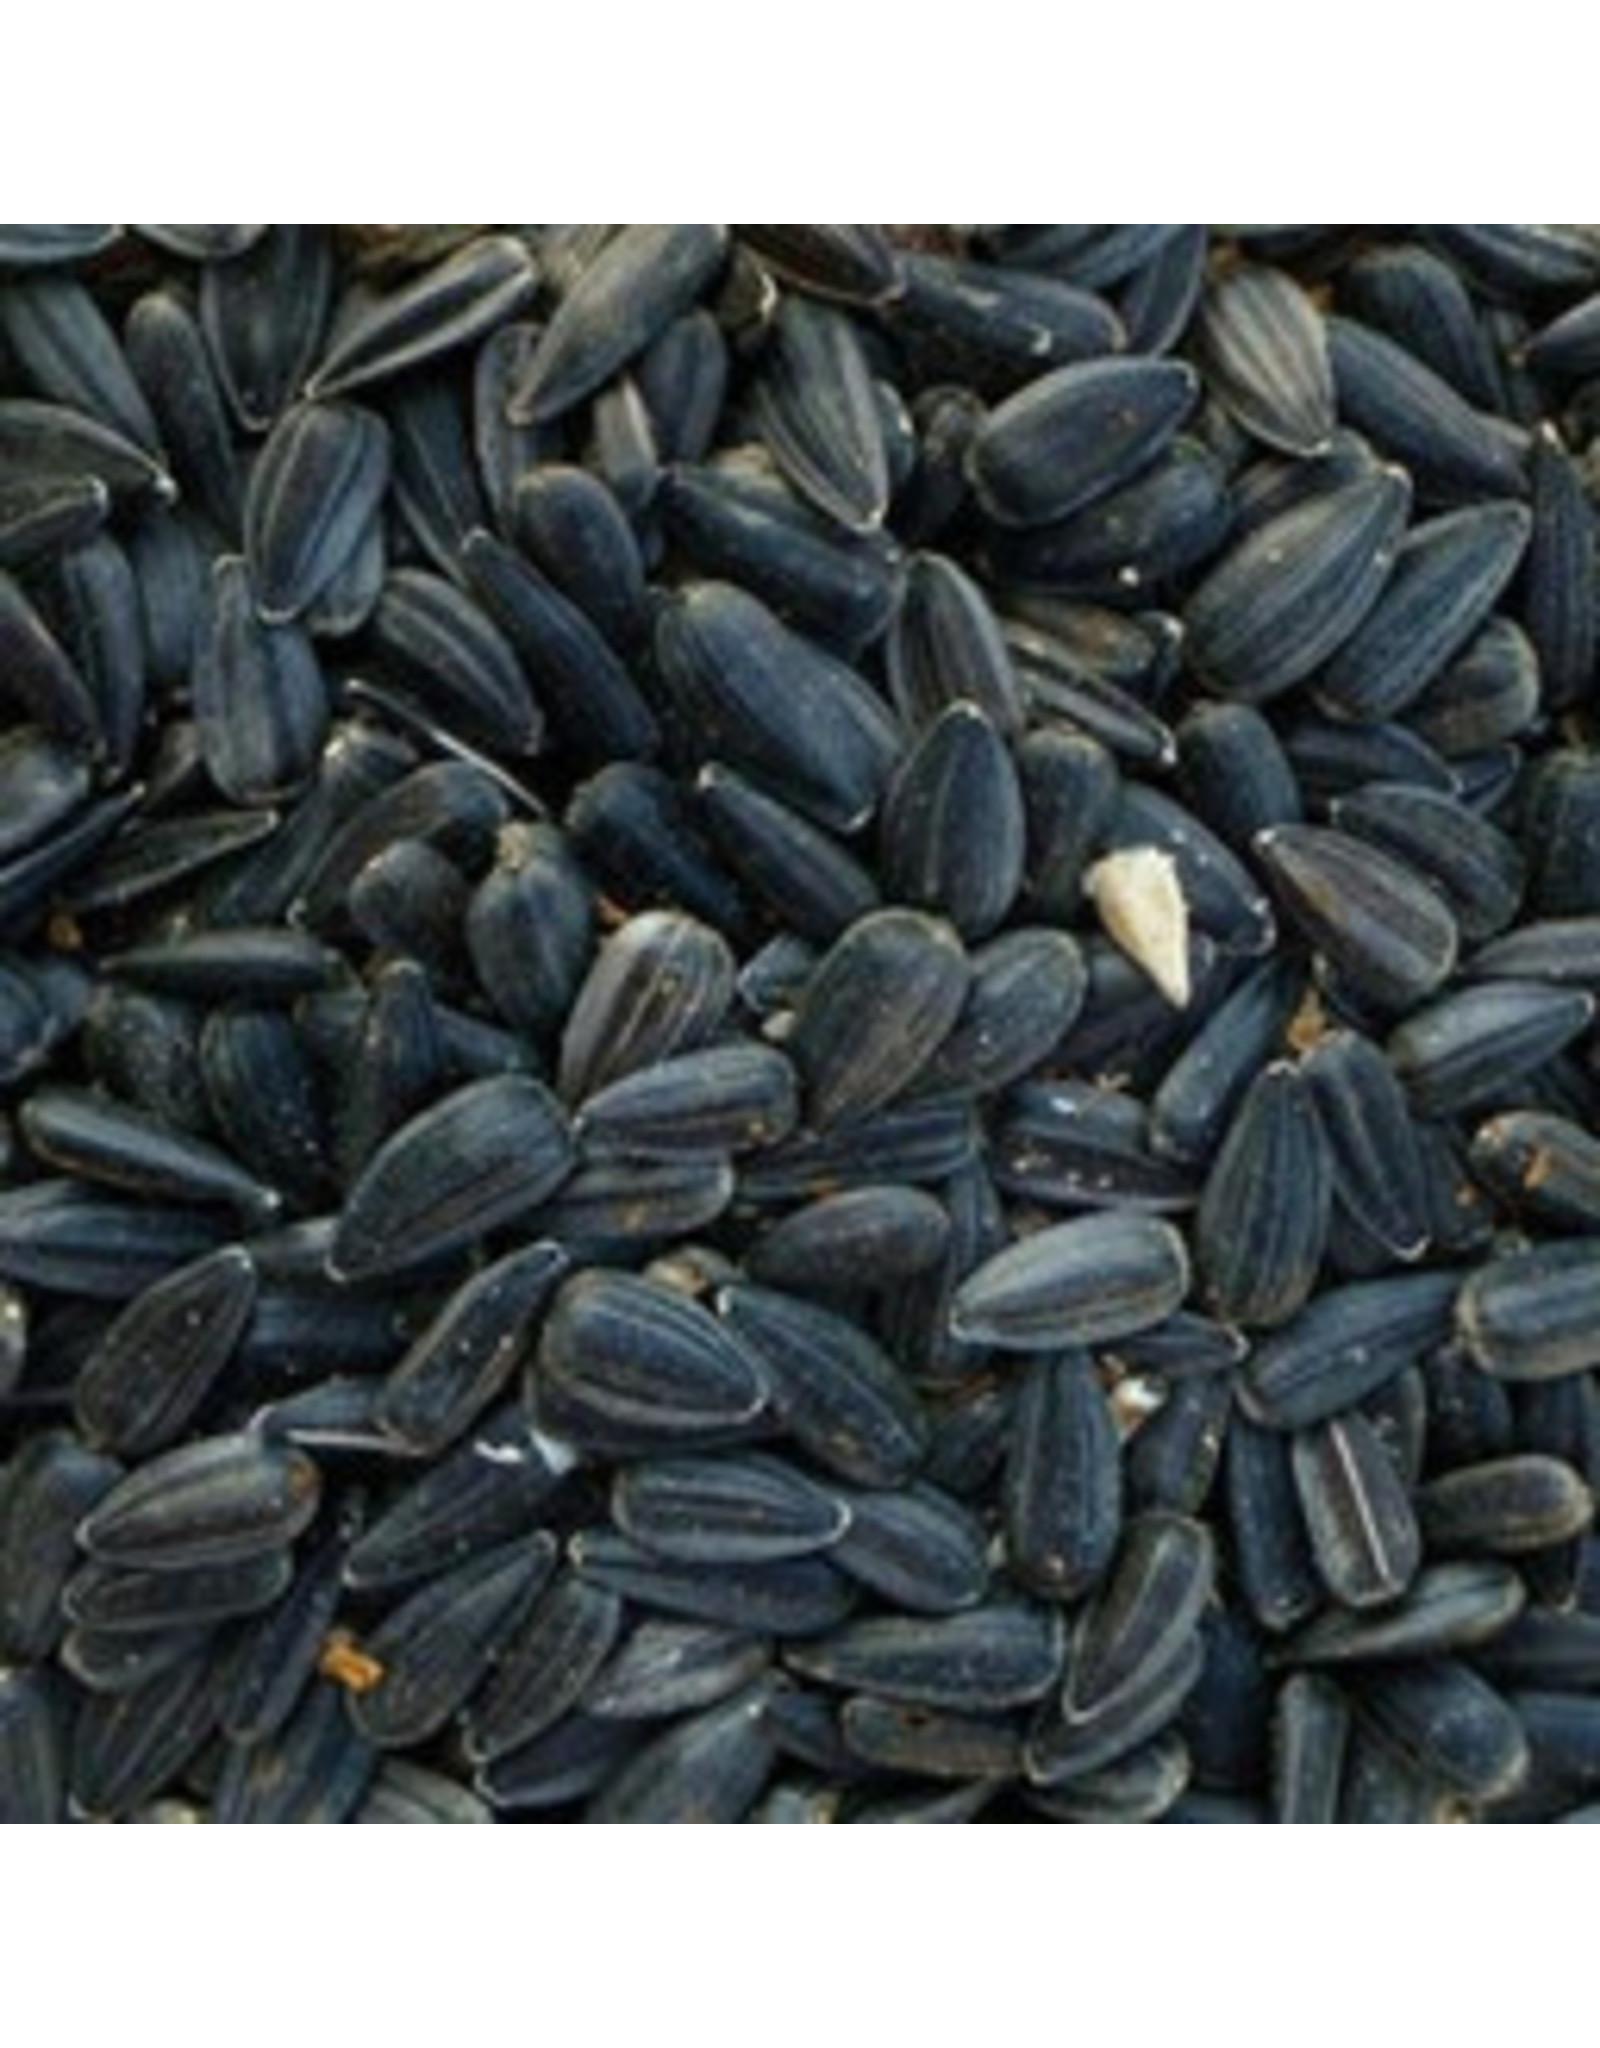 Coastal Black Oil Sunflower Seeds 1.8lb